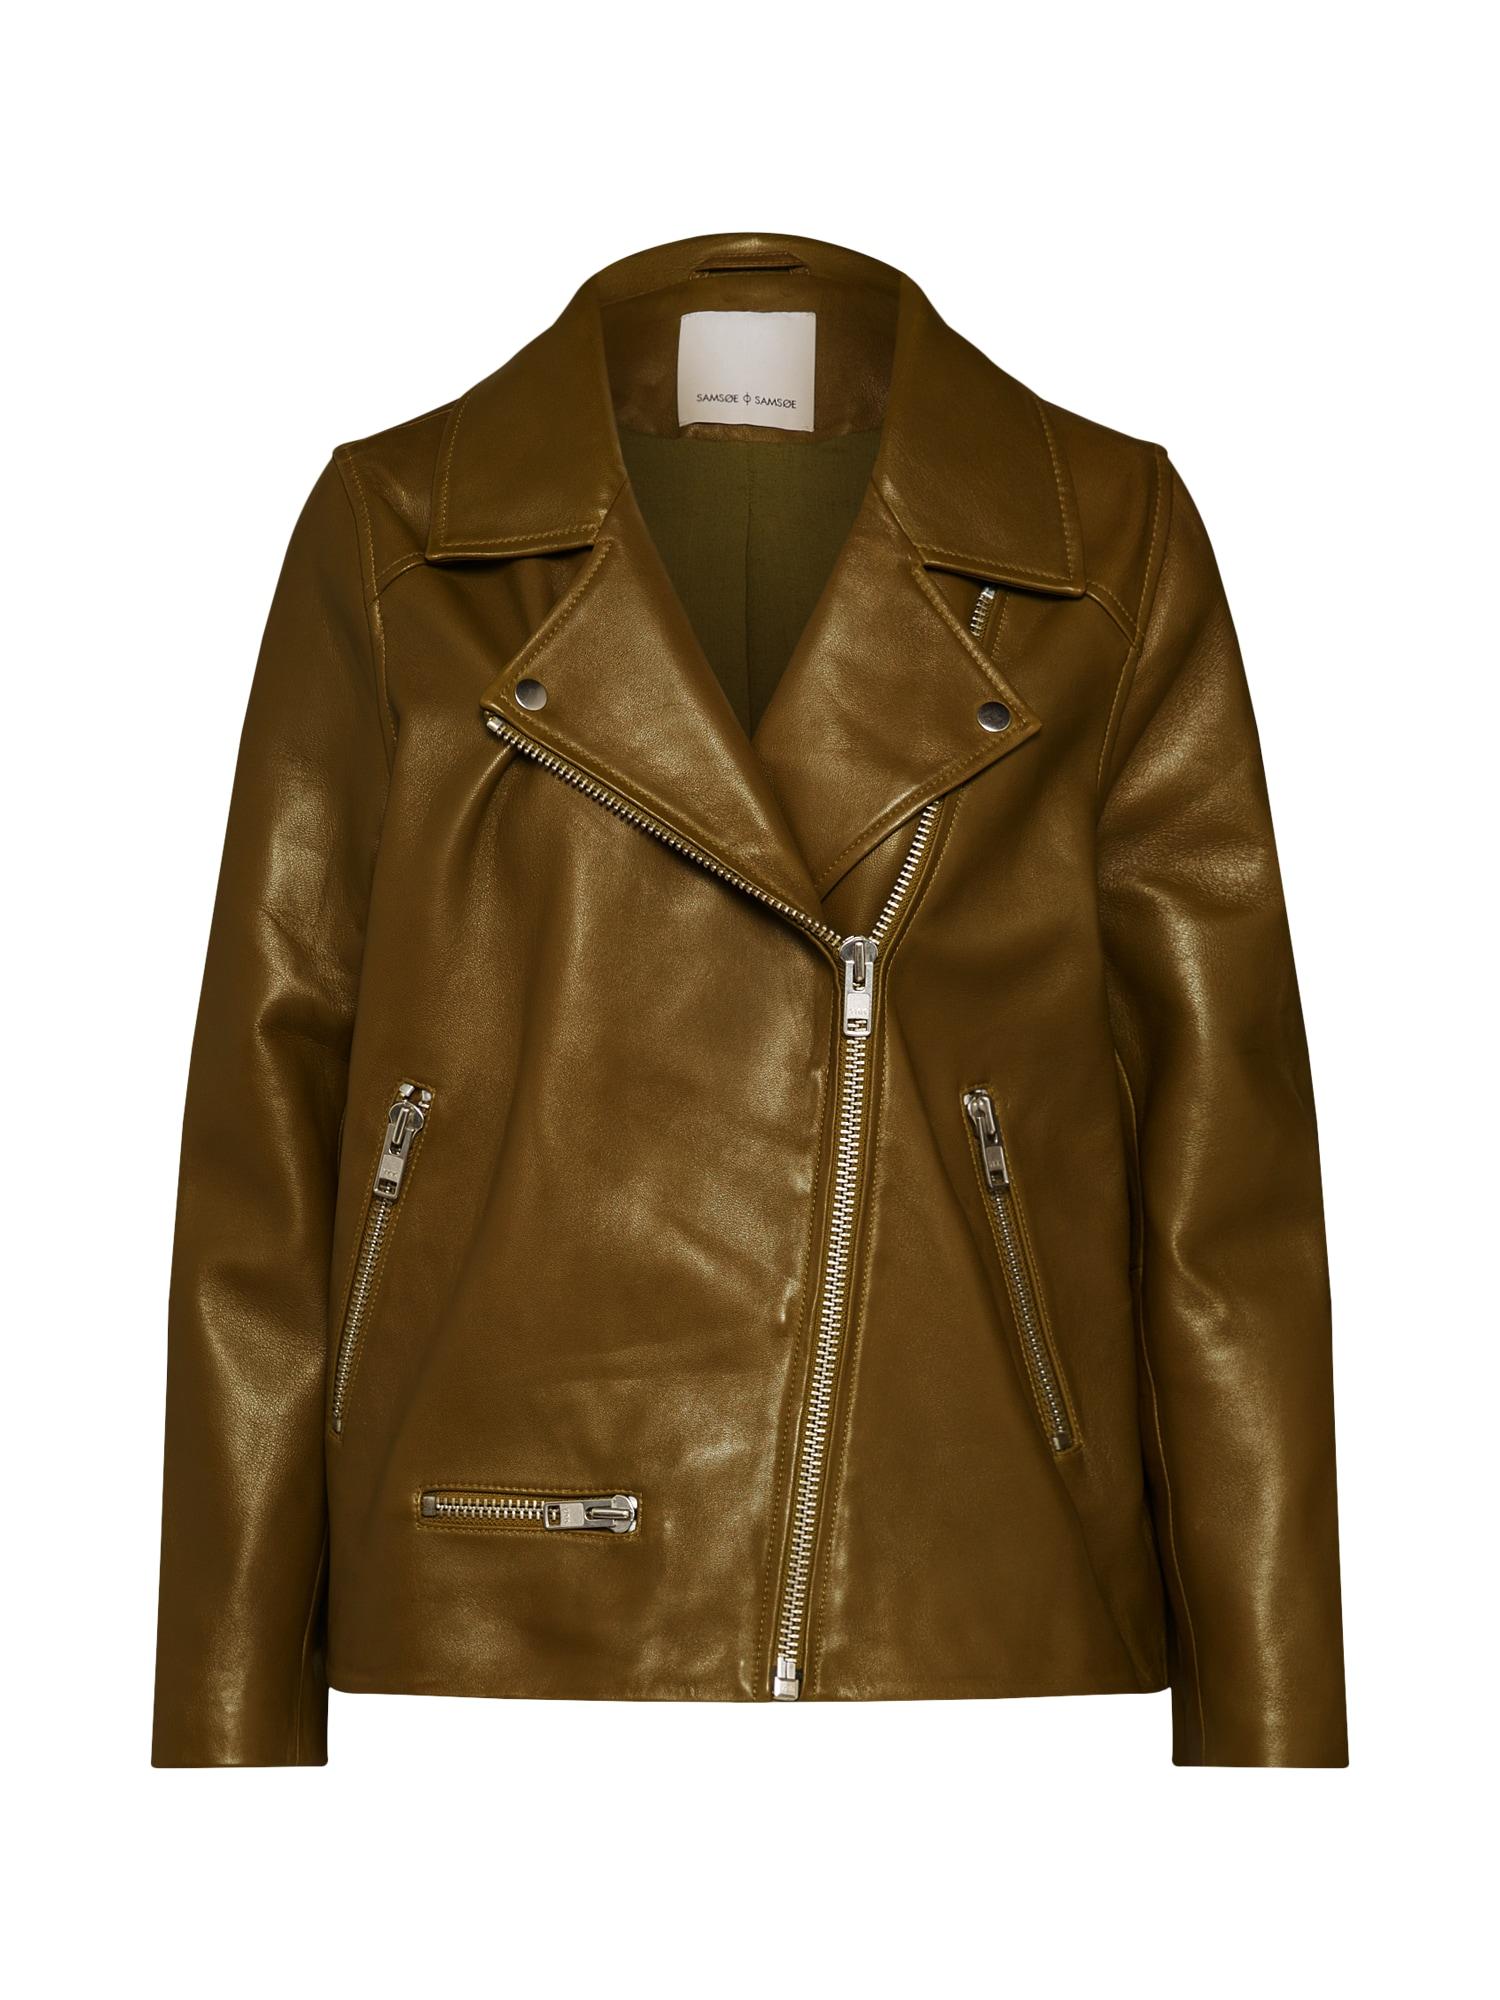 Přechodná bunda Welter jacket 10786 zelená Samsoe & Samsoe